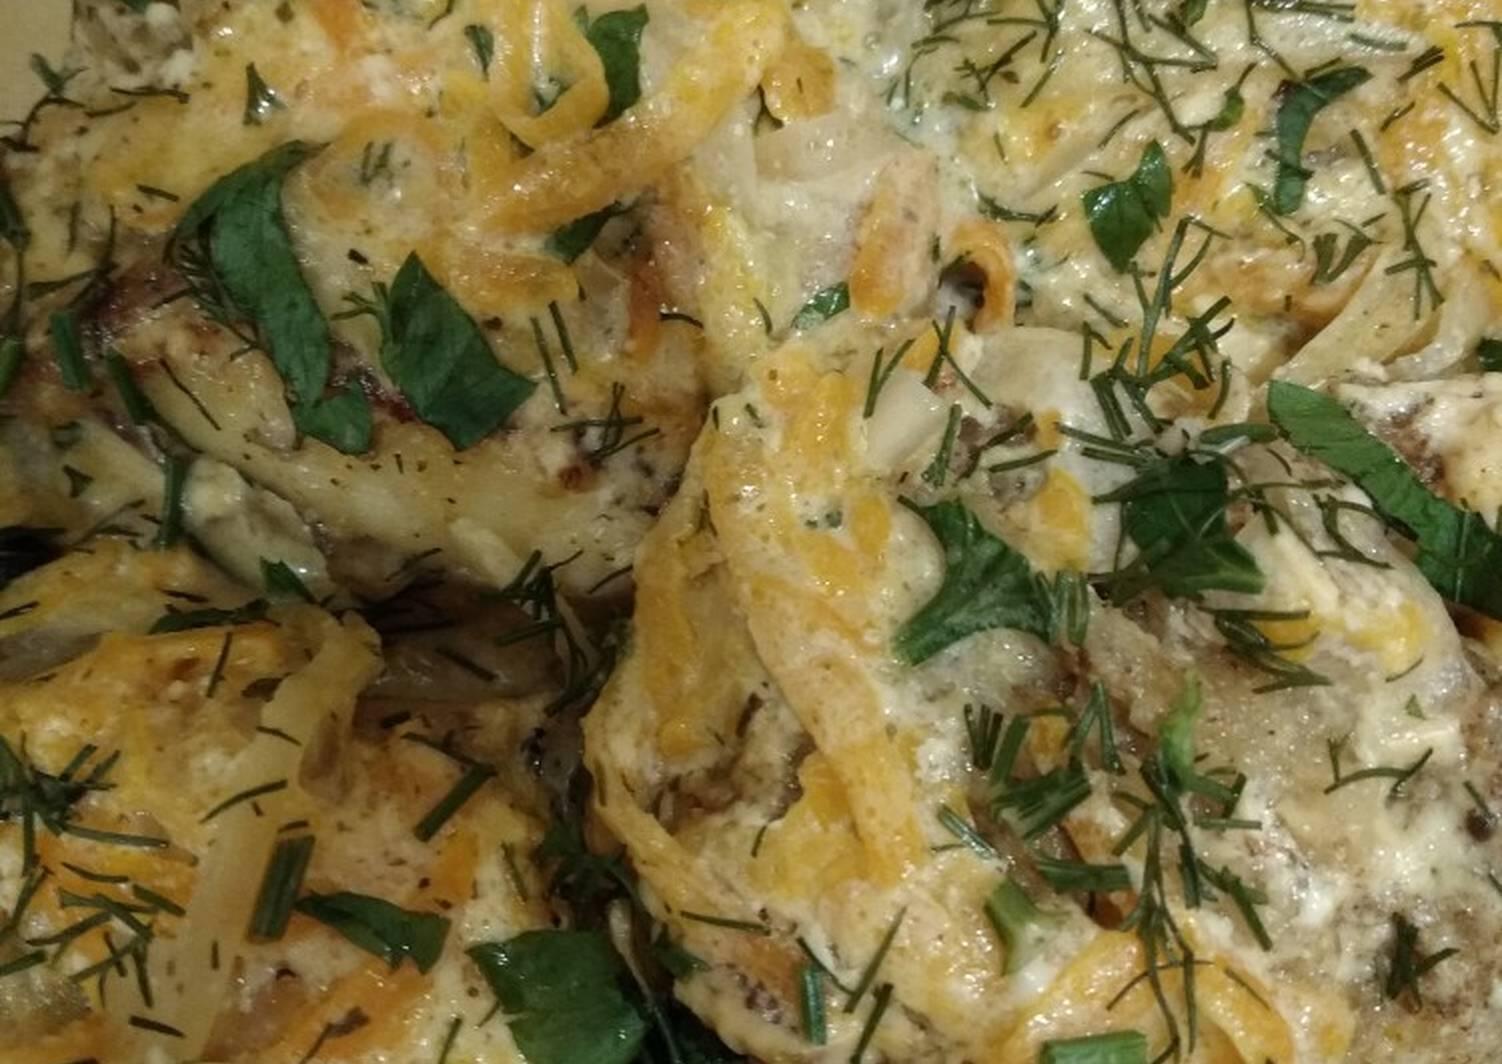 Щука тушеная с морковью и луком: рецепт с фото пошагово. как приготовить тушеную щуку с овощами?